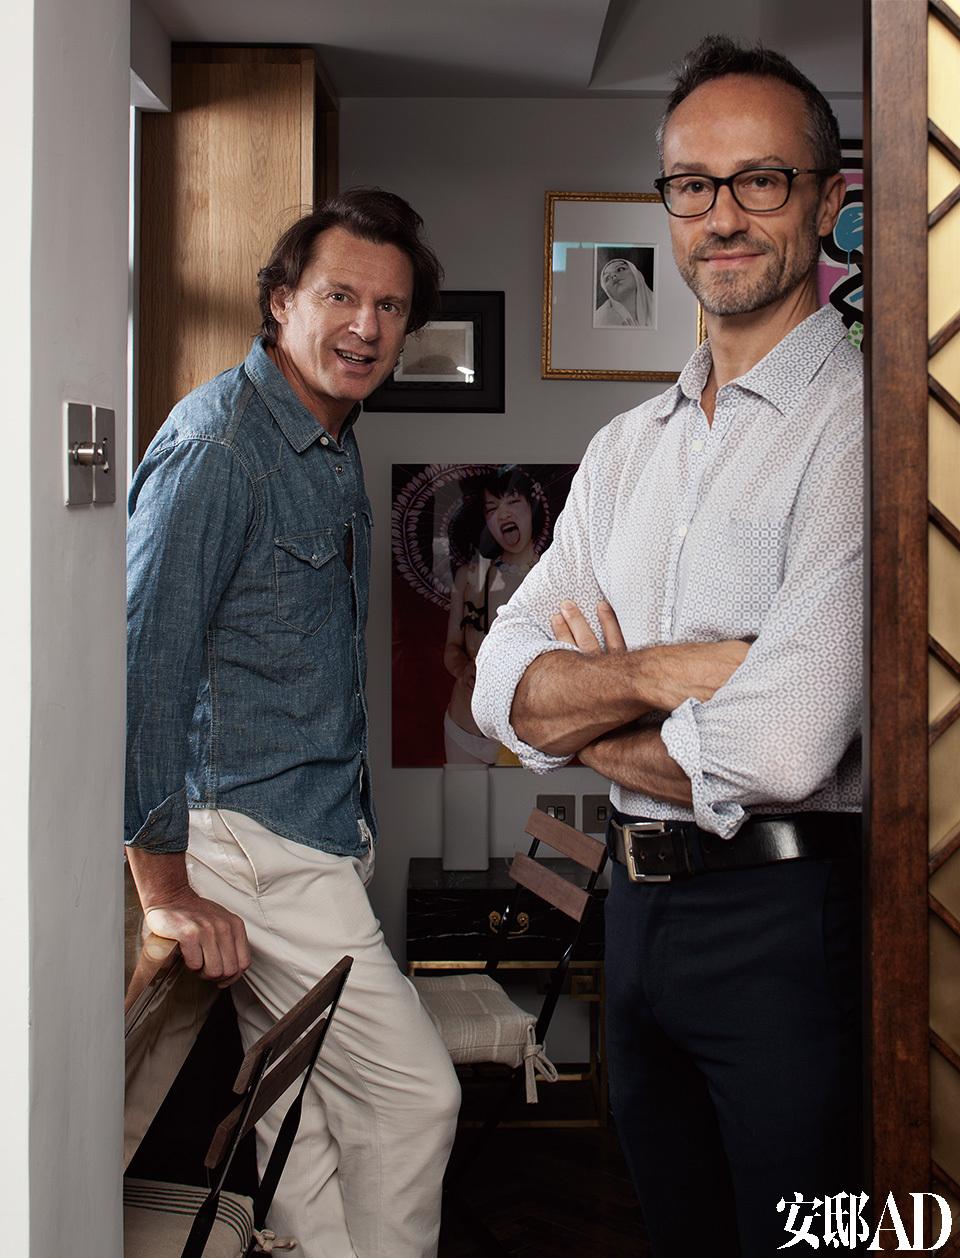 主人:来自意大利威尼斯的家具制造商Stefano Del Vecchio(左)8年前将公司和工厂都搬到了中国,如今常年往返于威尼斯、香港和纽约三地。他还是一位艺术爱好者,主要收藏现代艺术和美国战后艺术作品,形式不拘于油画、摄影、装置和综合材料,展示于家中的艺术作品体现出他独特的审美情趣。Stefano Tordiglione(右),一位出生于意大利拿波里的建筑师,在纽约和伦敦留学和工作过10年,擅长高端商铺、酒店、私宅和游艇设计。他在香港创立了Stefano Tordiglione Design,致力于意大利设计语言和本地元素的结合,东西文化交融是这个团队的重要的风格特征。